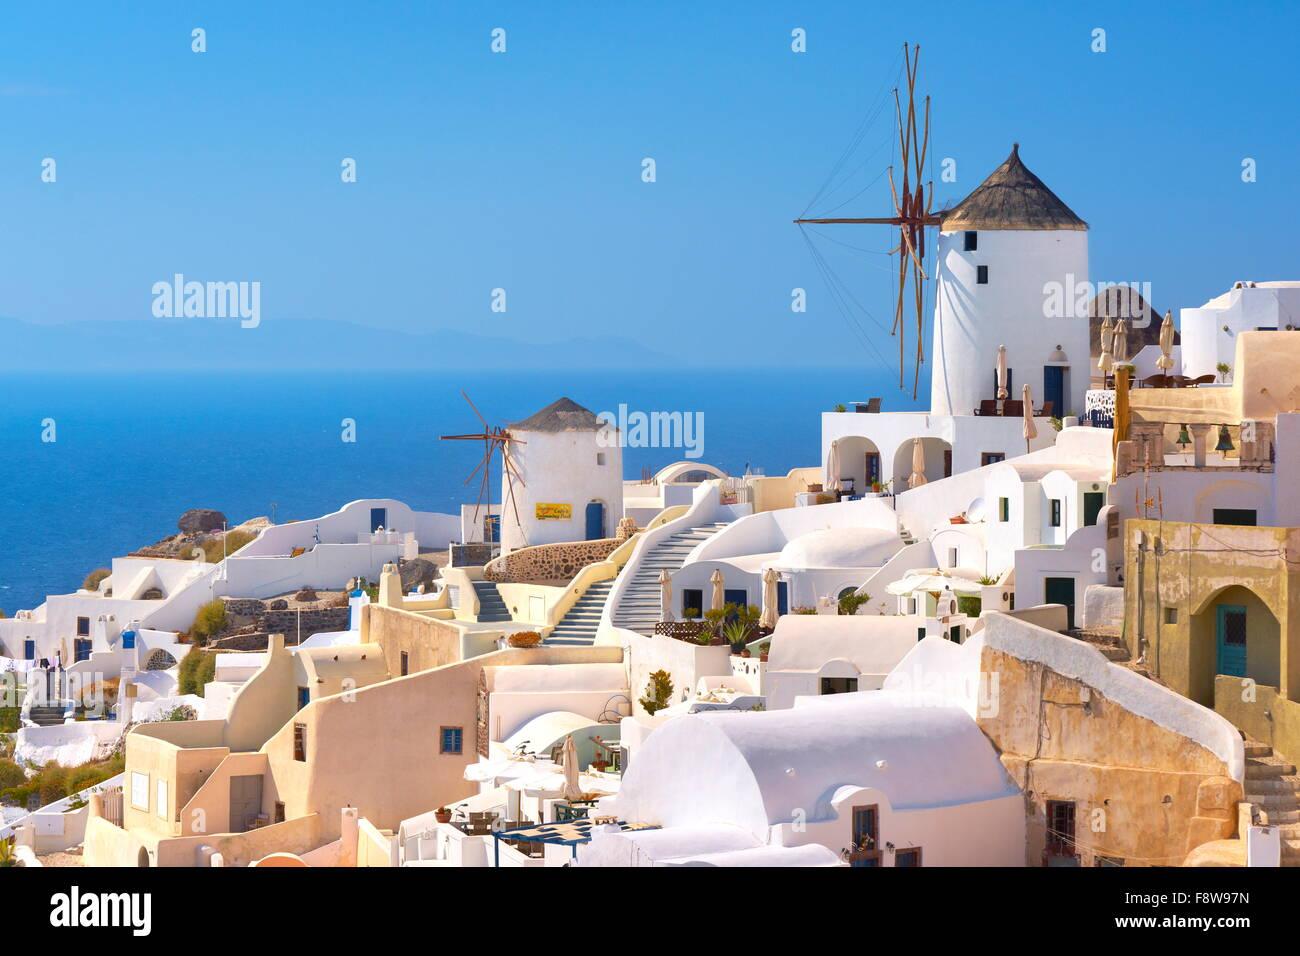 Santorin - maisons blanches et de moulins à vent sur le ciel bleu, Oia, Grèce Photo Stock